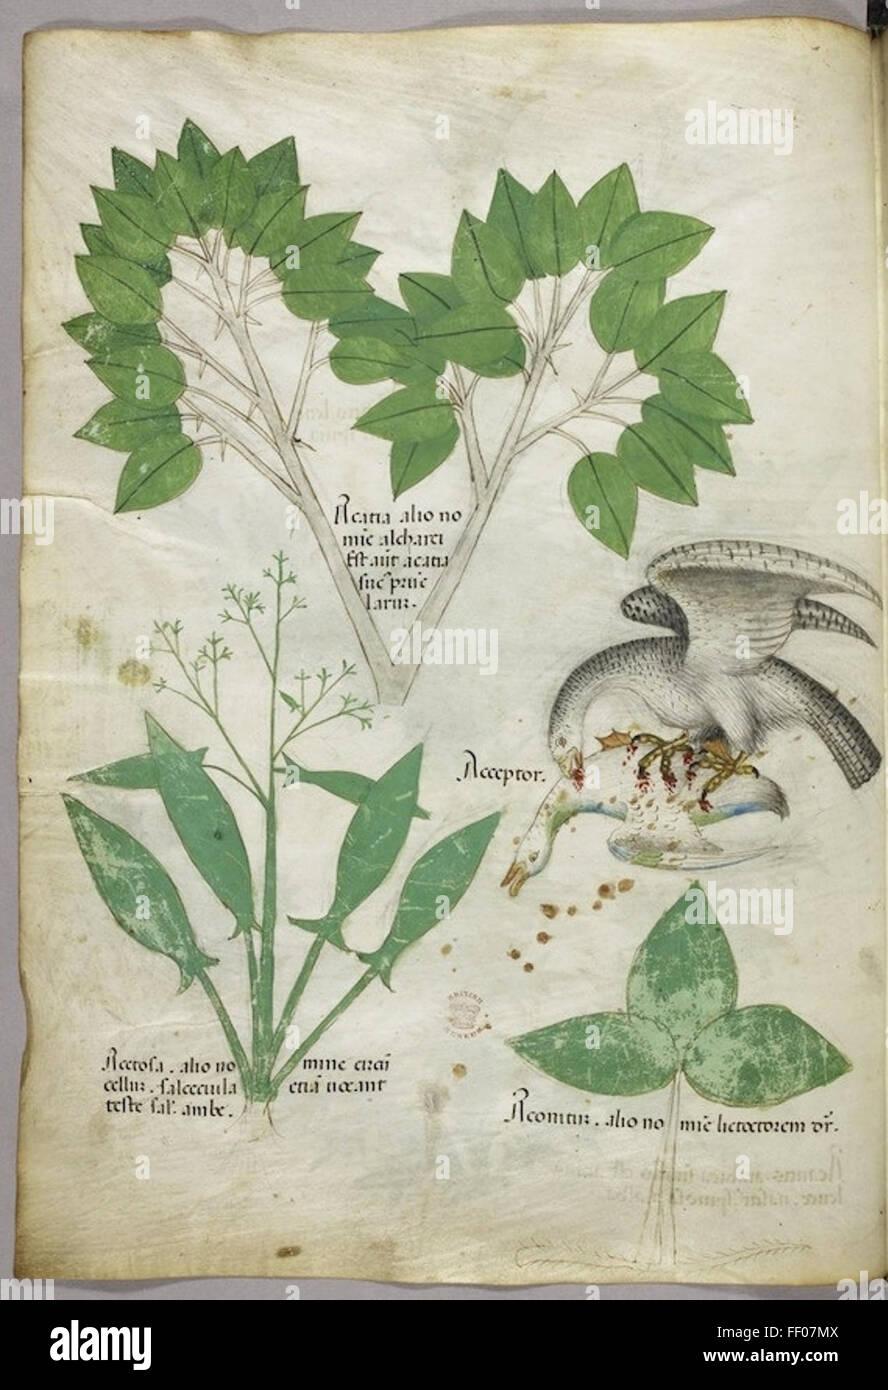 Illustration de Tractatus de Herbis Banque D'Images